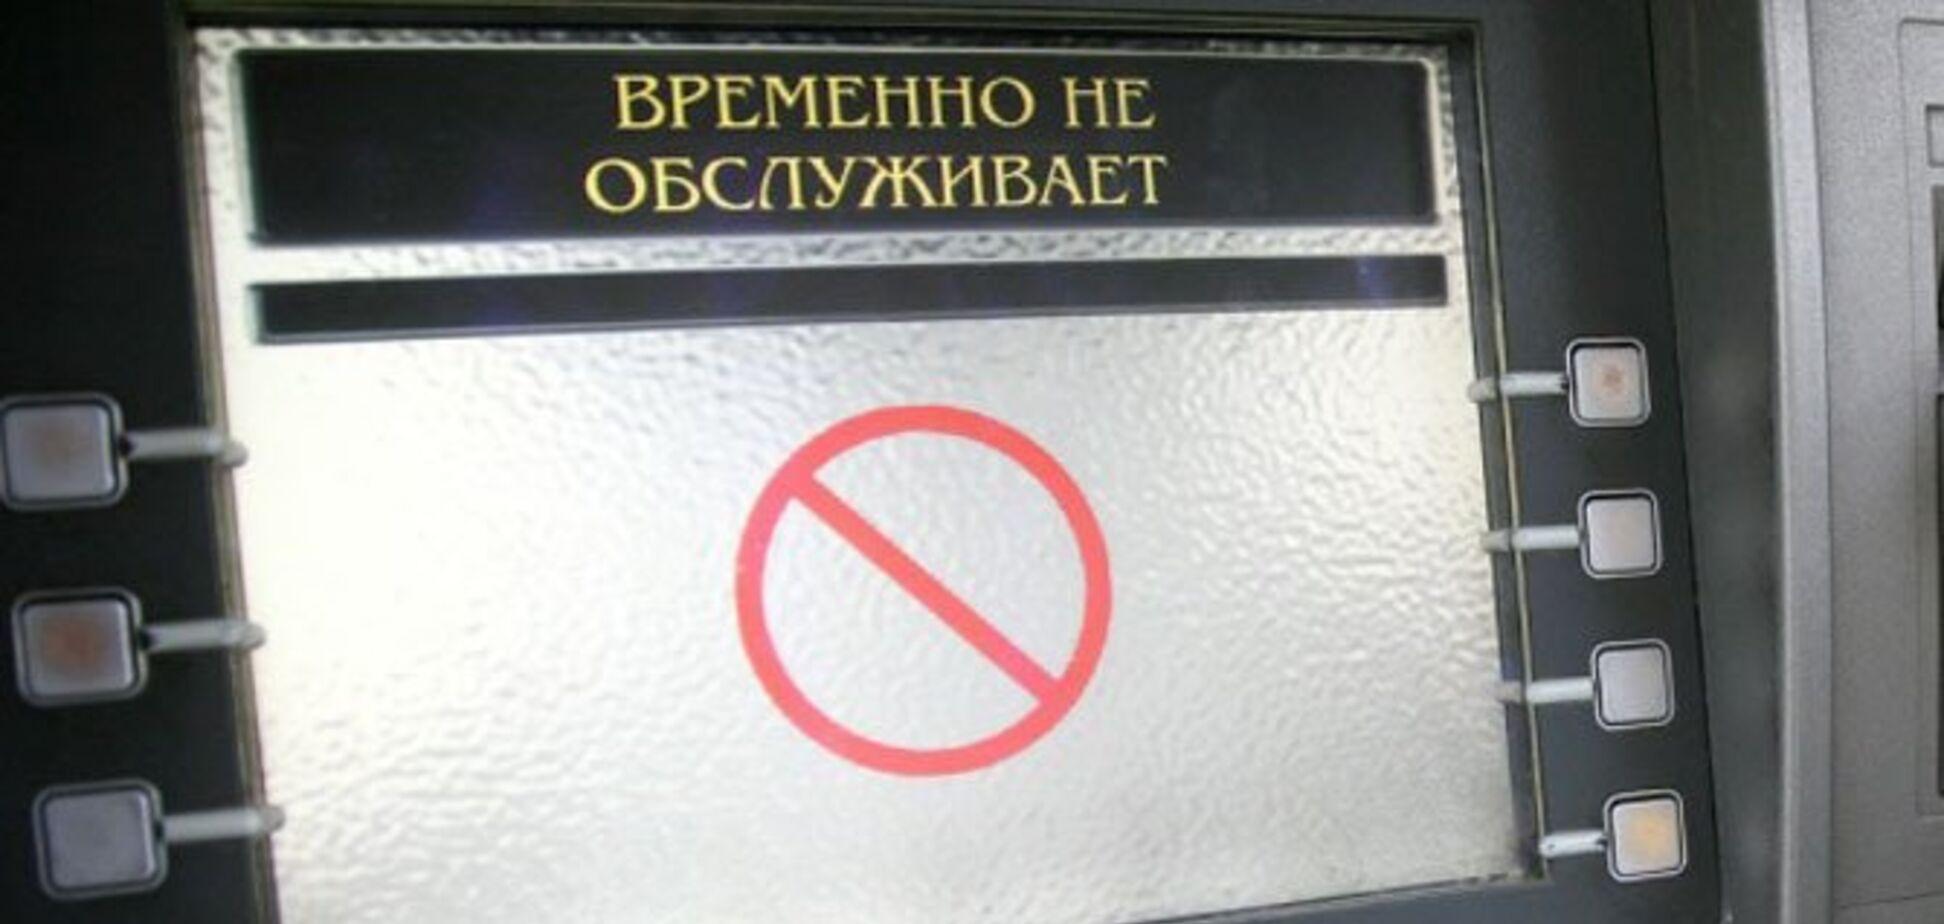 Погрожували охоронцю зброєю: під Дніпром невідомі підірвали банкомат